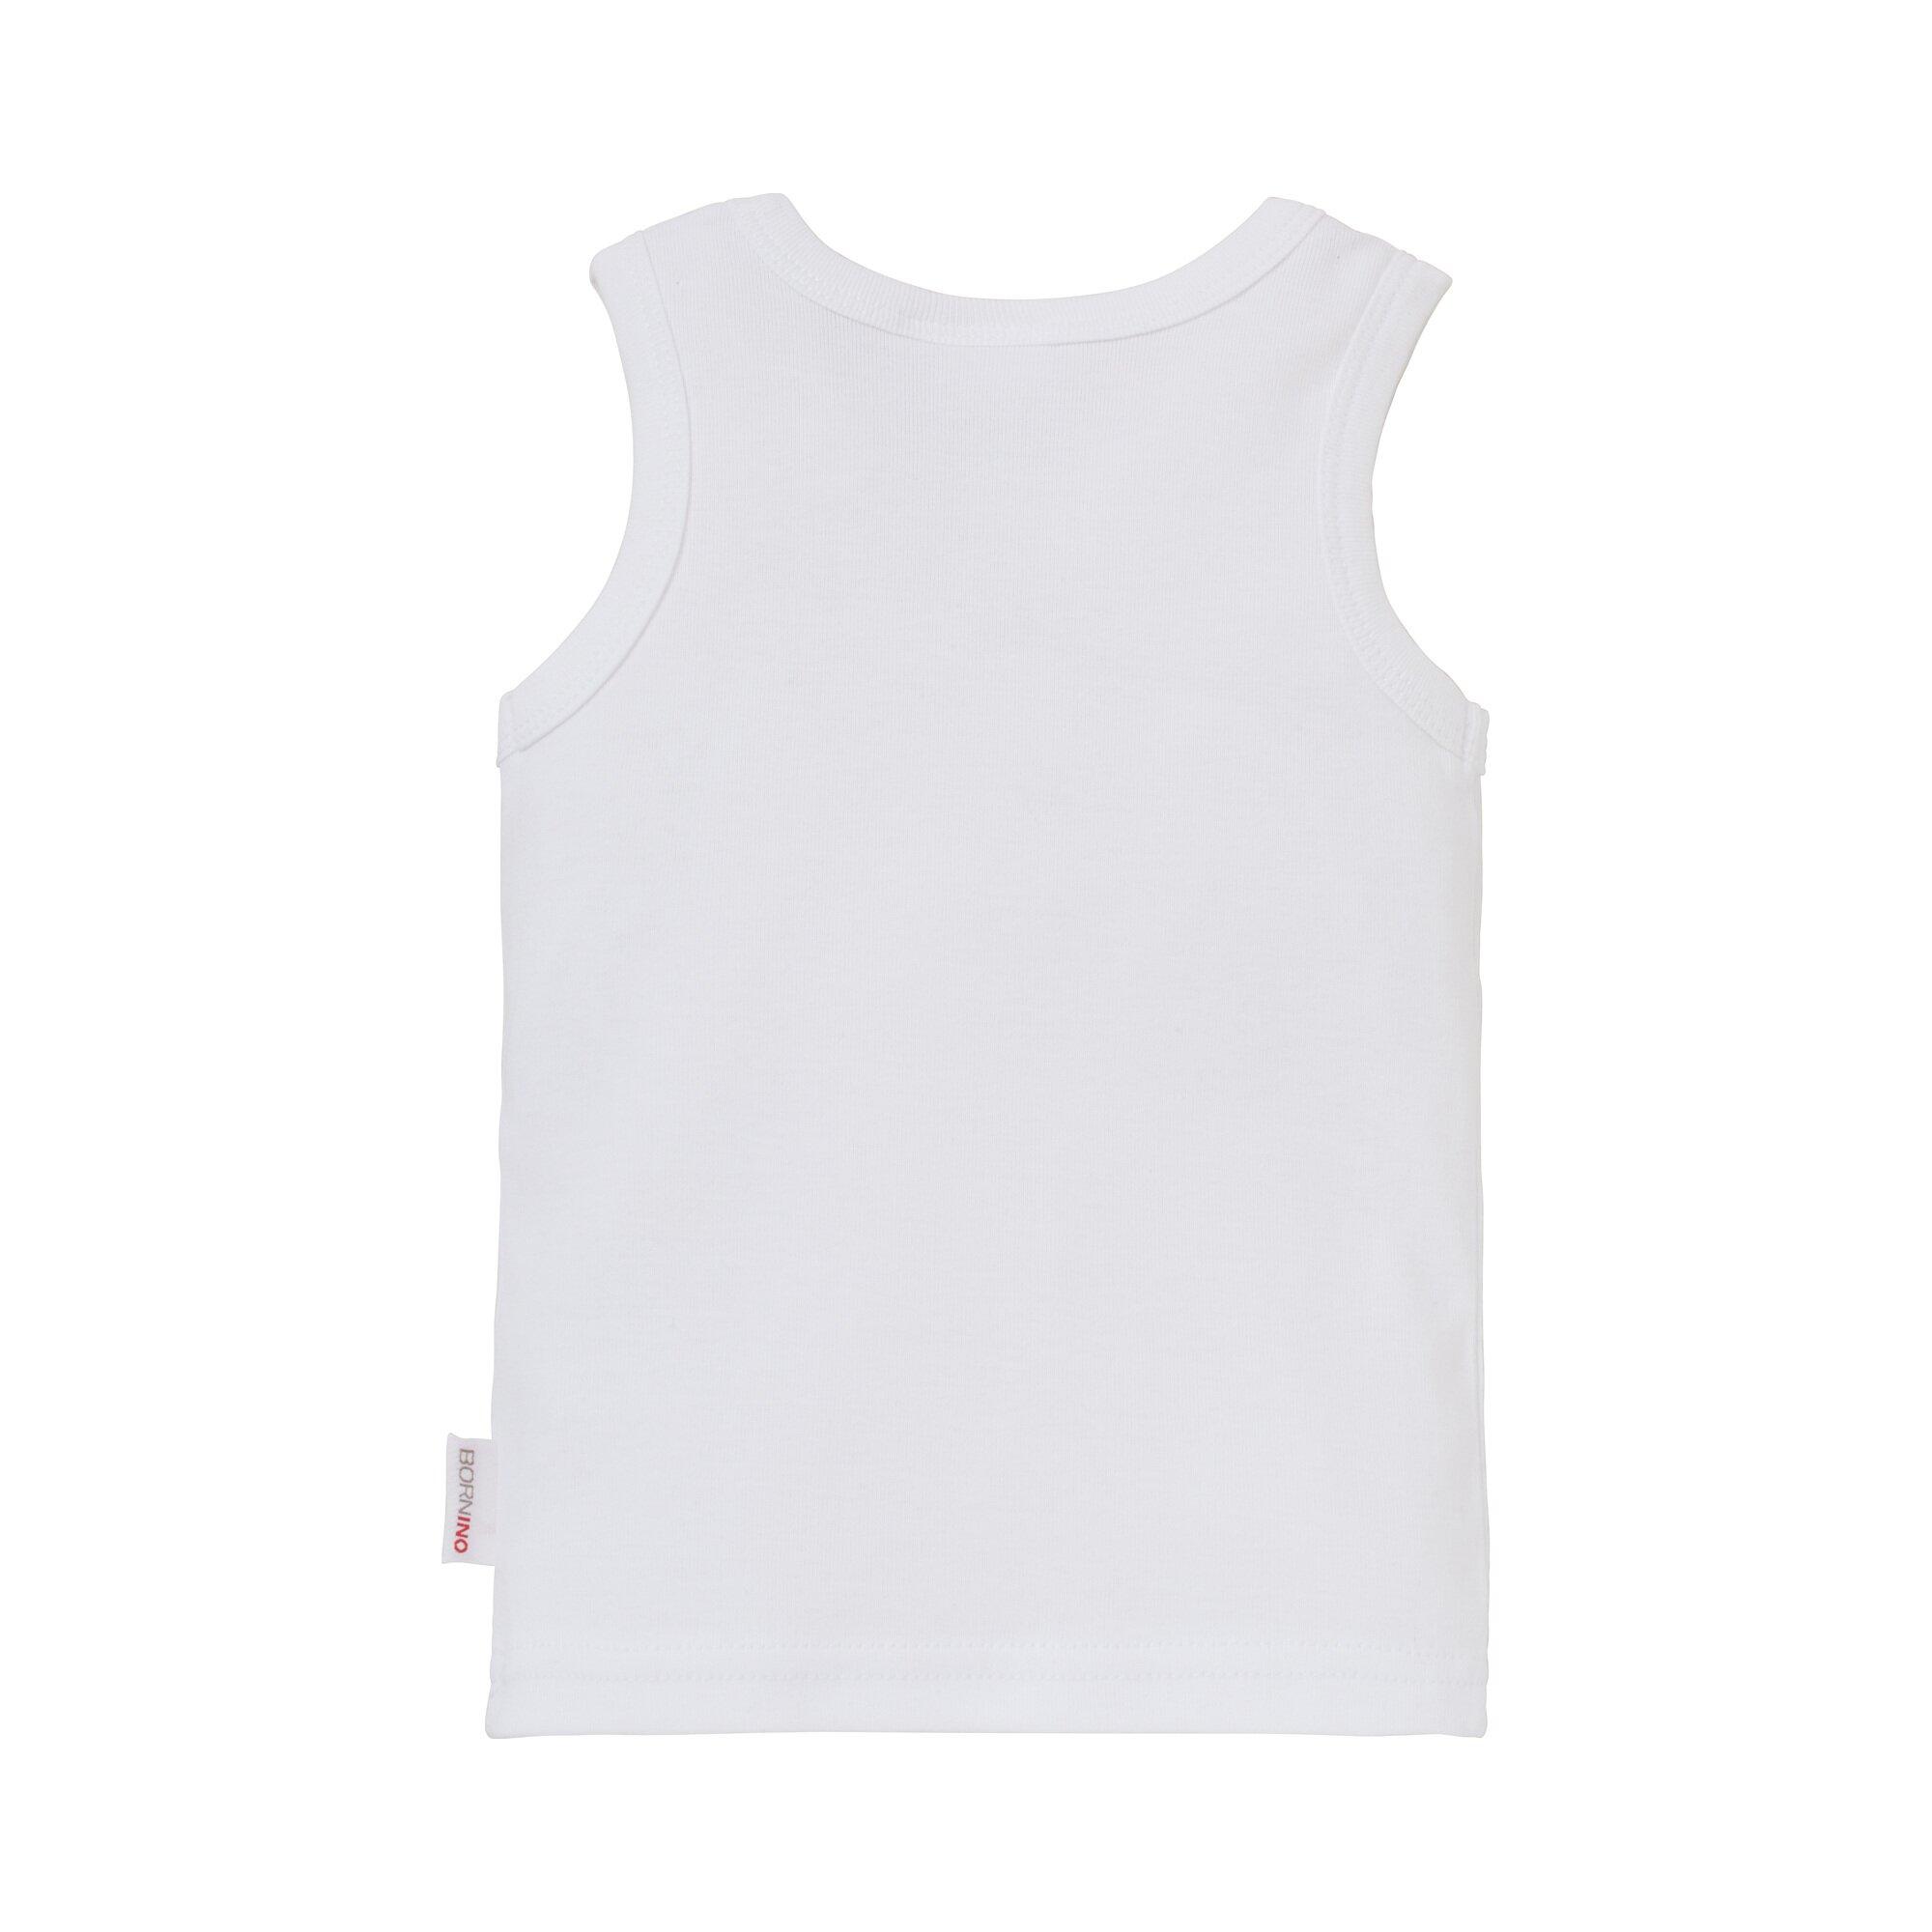 basics-unterhemd, 4.99 EUR @ babywalz-de